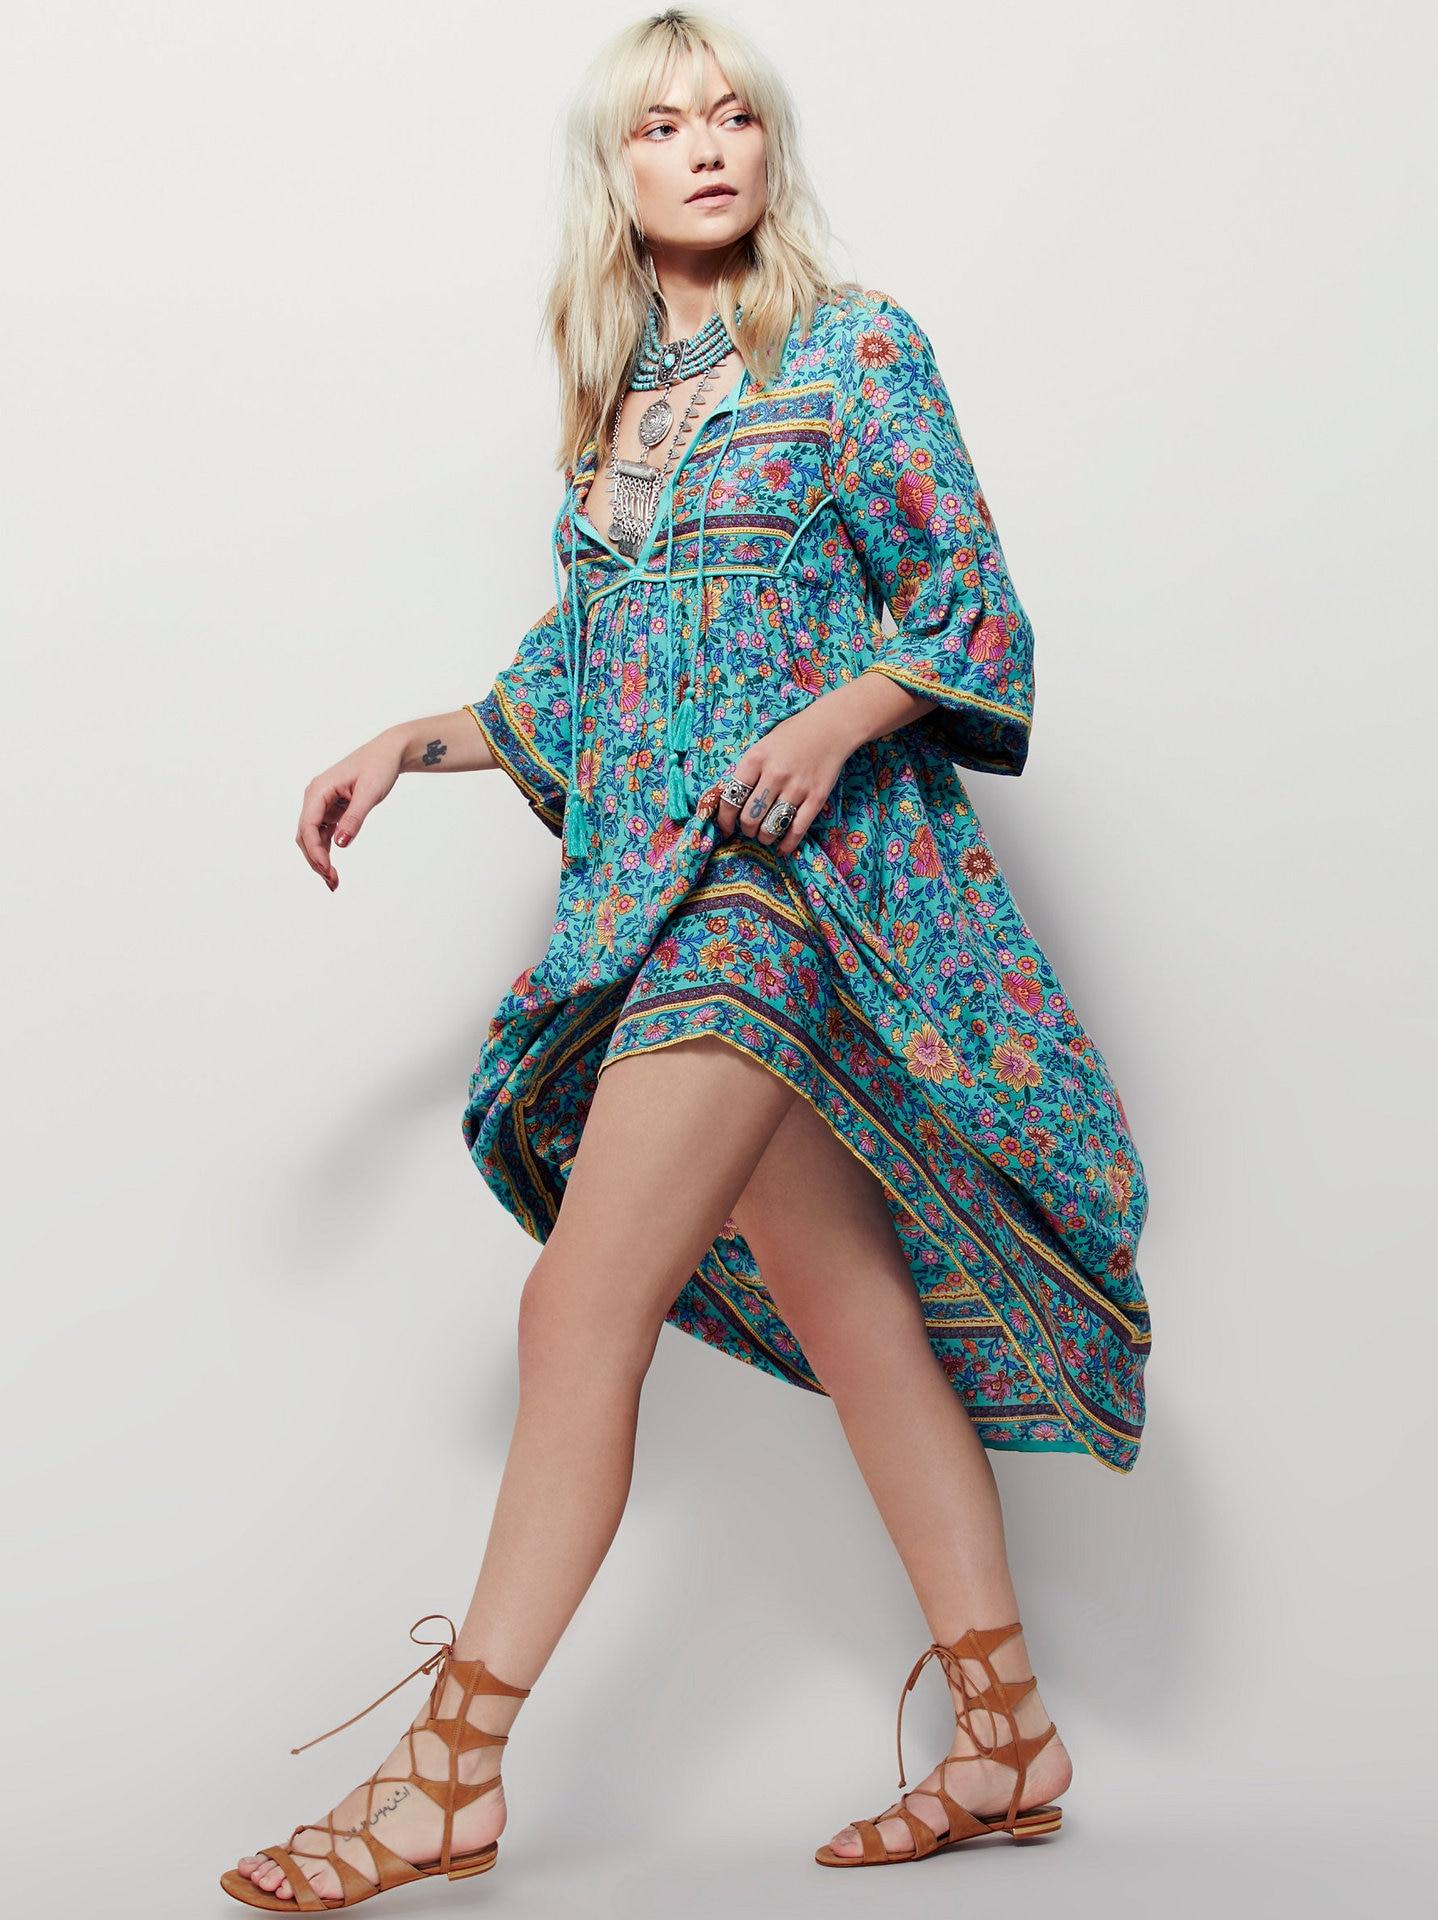 2018 heißer verkauf frauen quaste unregelmäßige druckkleid bohe stil blau lange kleider gedruckt lose hübsches kleid V-ausschnitt strand kleid